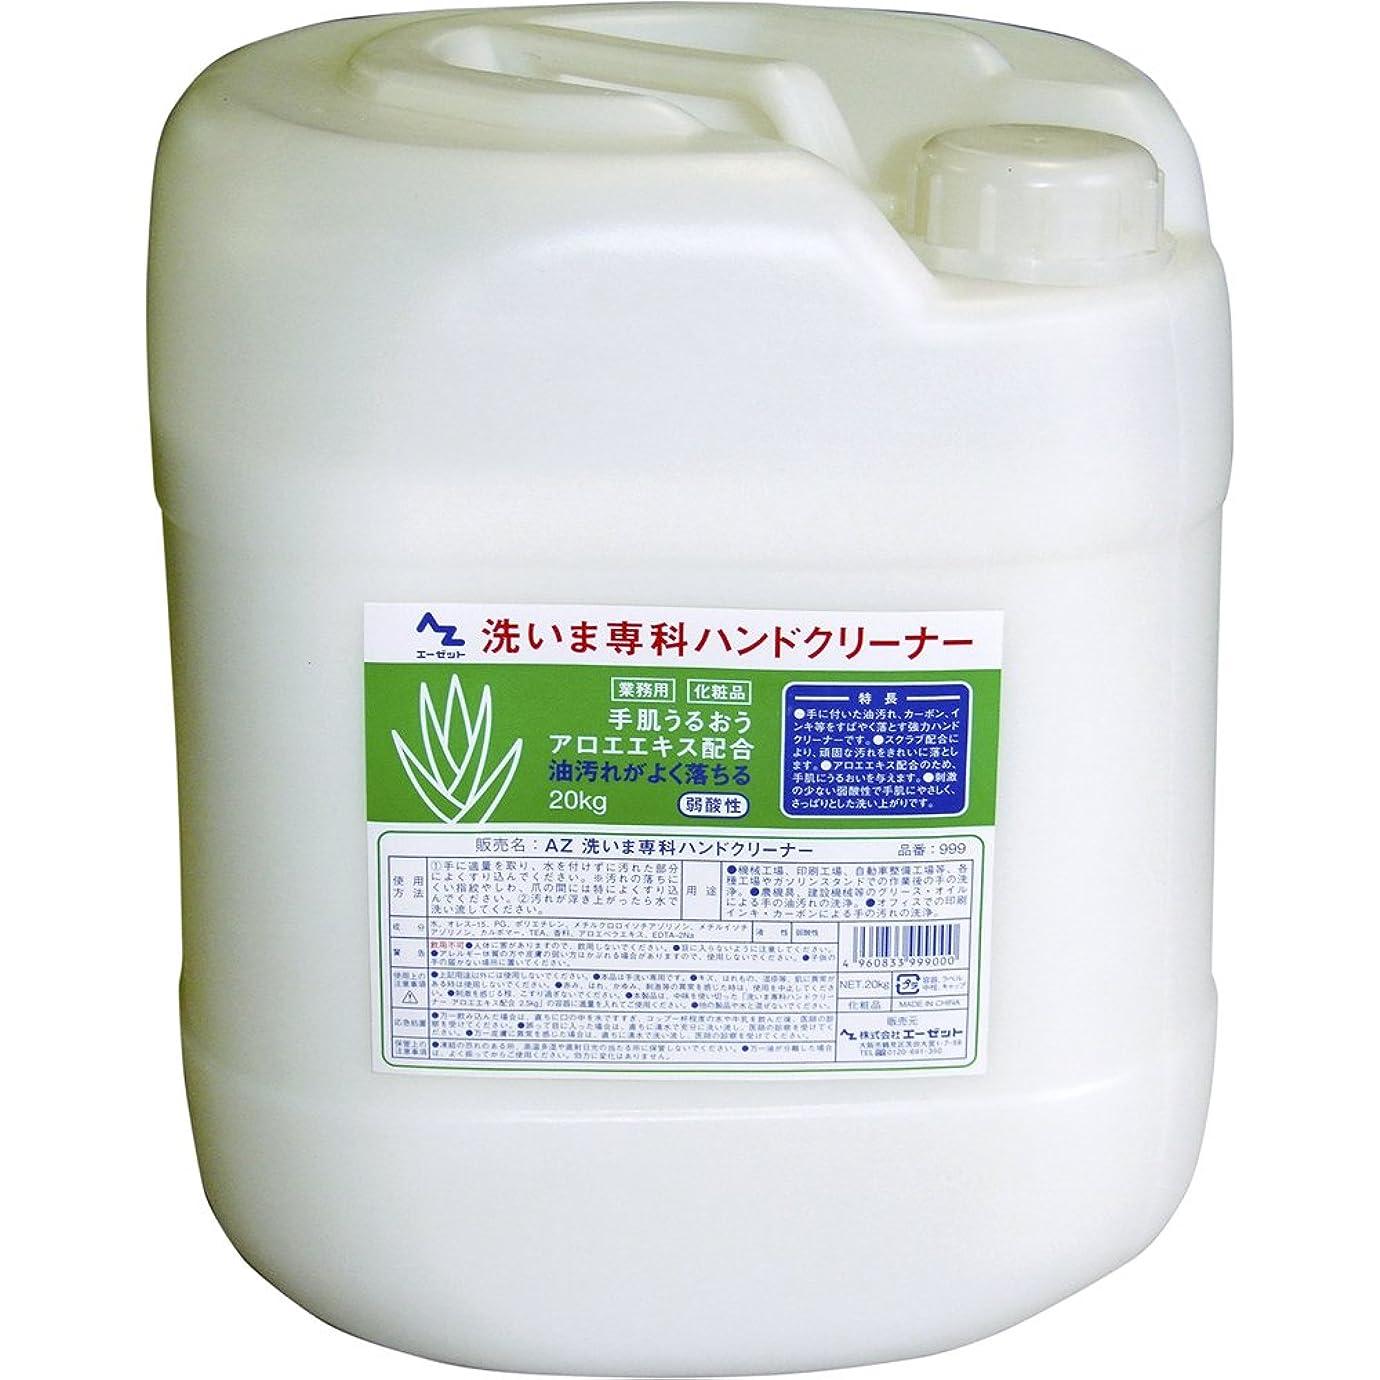 膨張する今晩香水AZ(エーゼット) ハンドクリーナー 洗いま専科 20kg アロエ?スクラブ 配合 手肌に優しい〔手洗い洗剤〕(999)